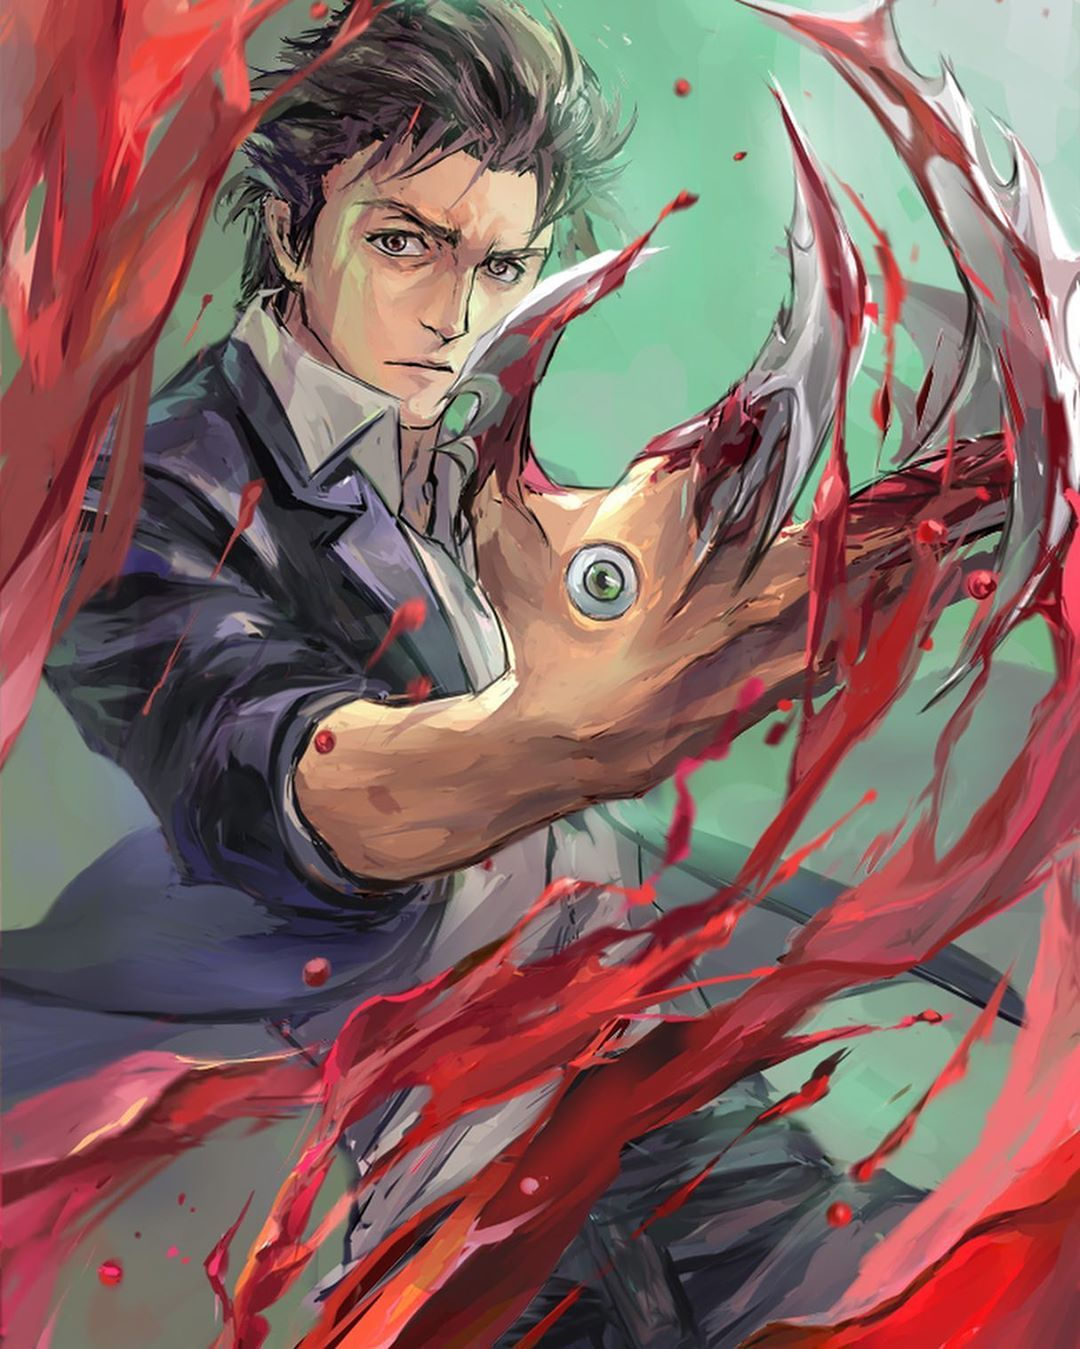 Kiseijuu sei no kakuritsu Parasyte Shinichi anime